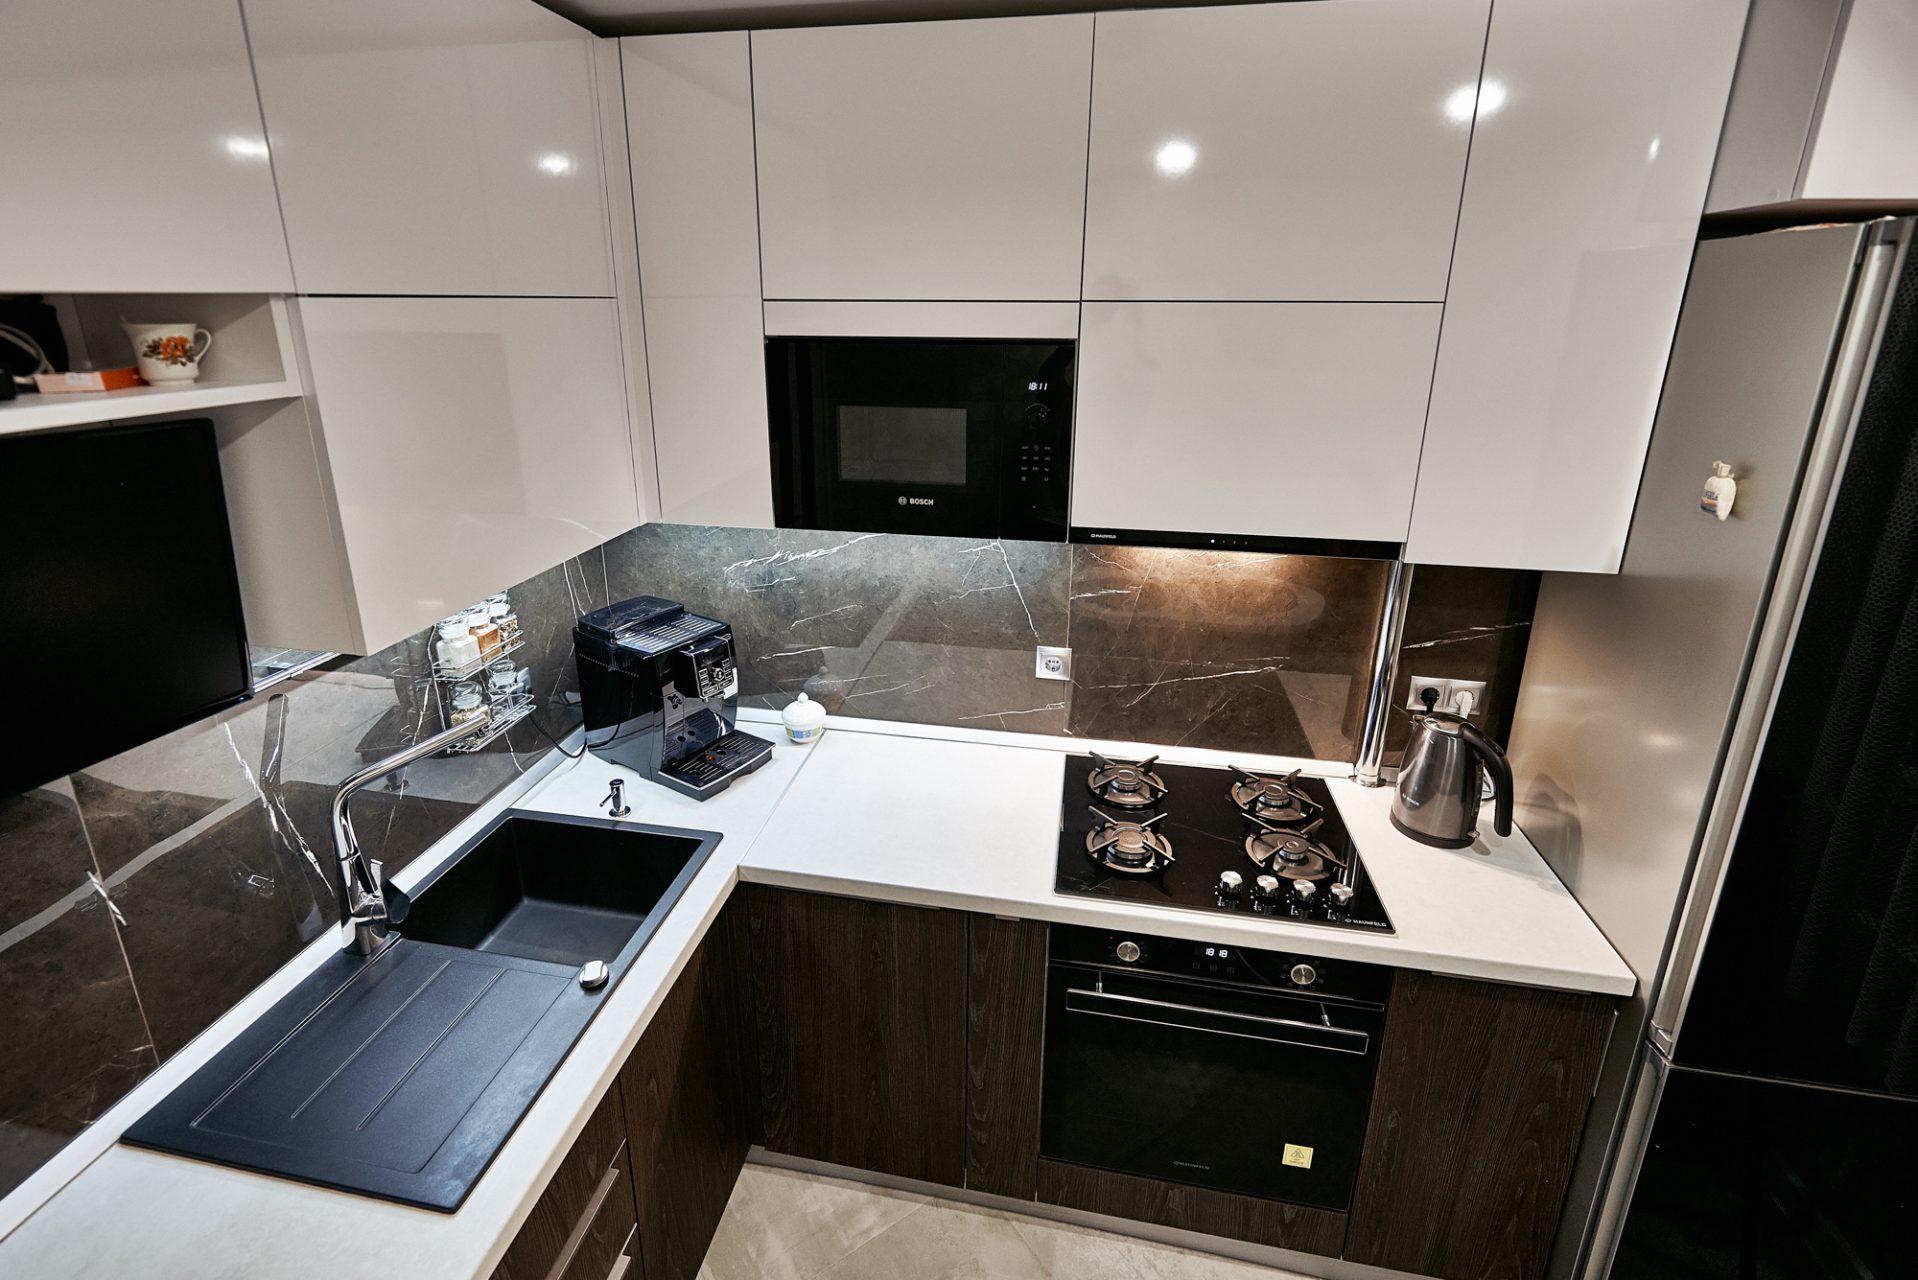 008_interior_kitchen4_korneychikeu